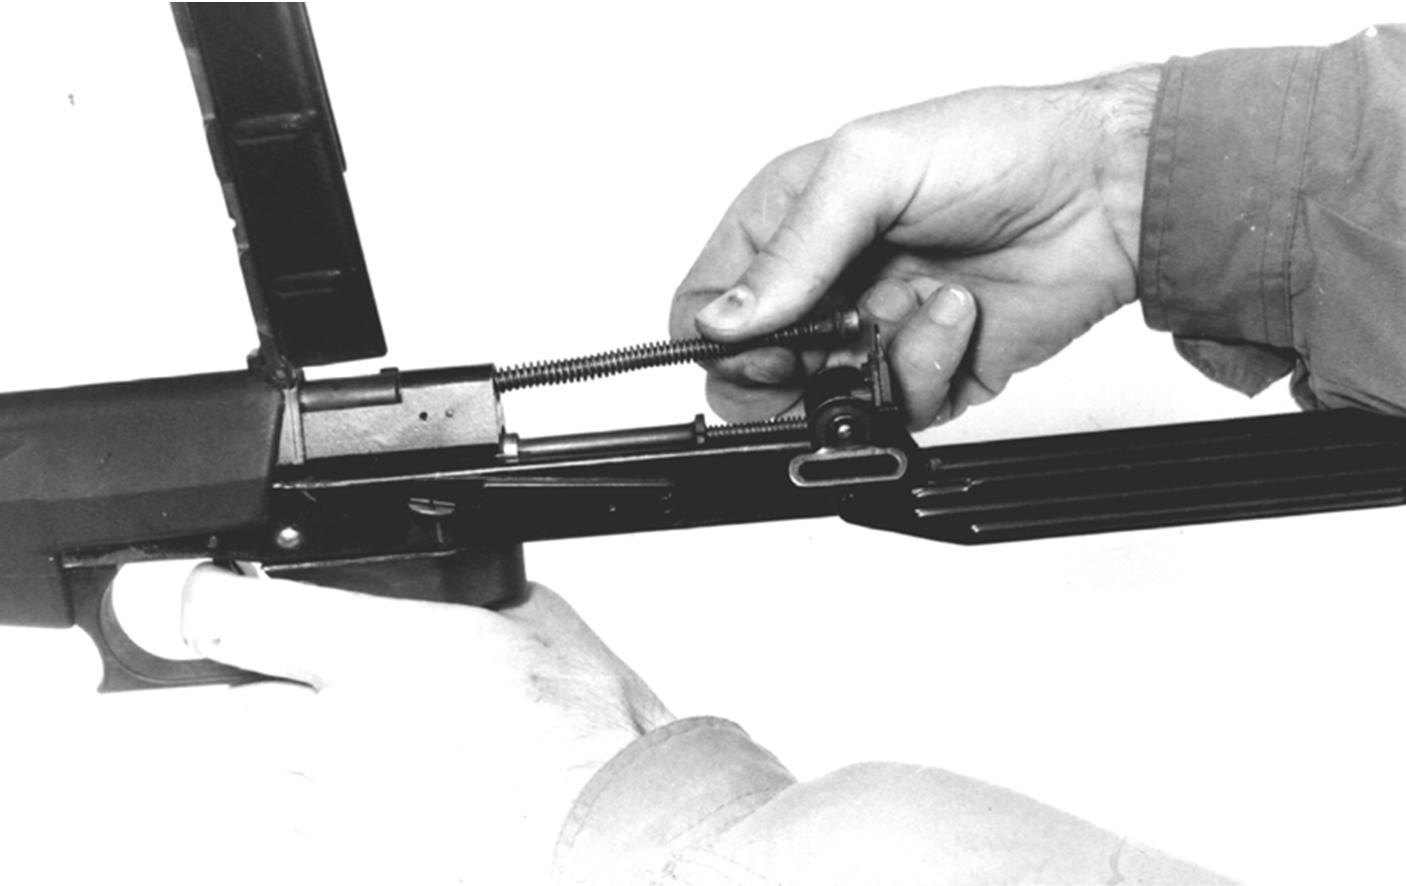 Рисунок 4.18 – Присоединение возвратного механизма СР2М